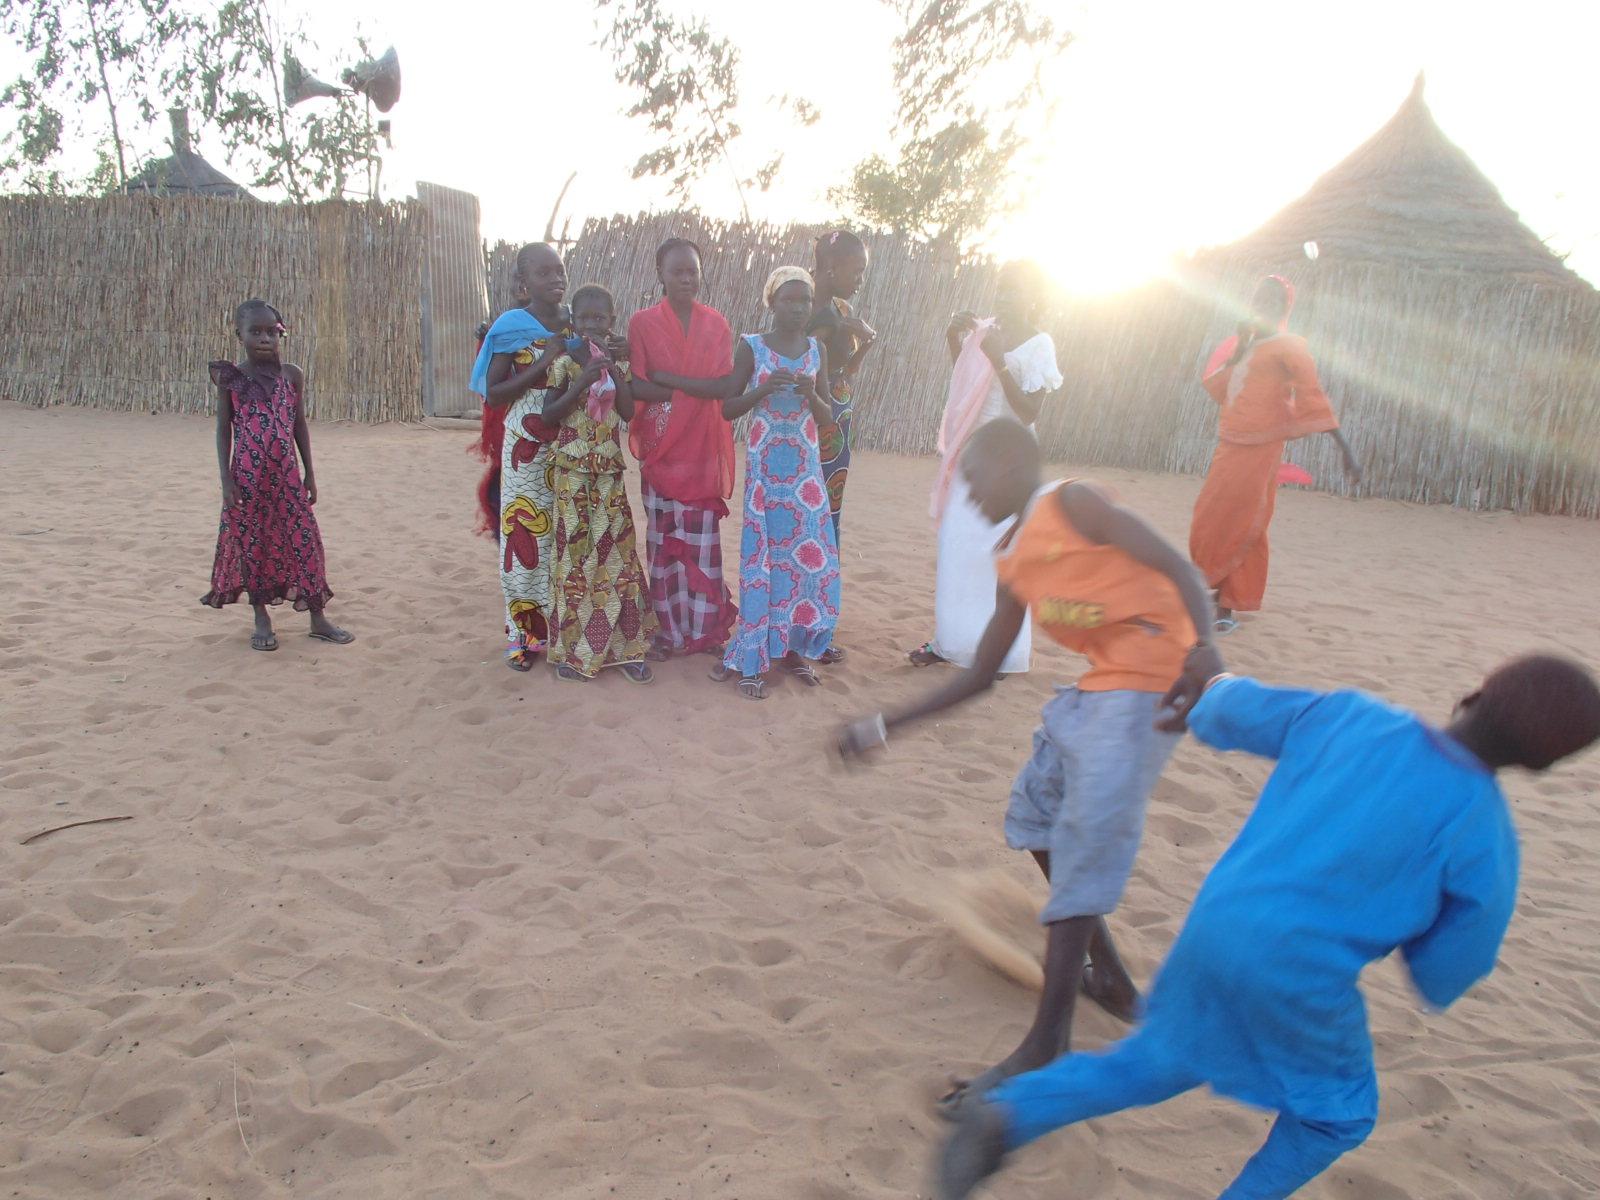 セネガル 平和